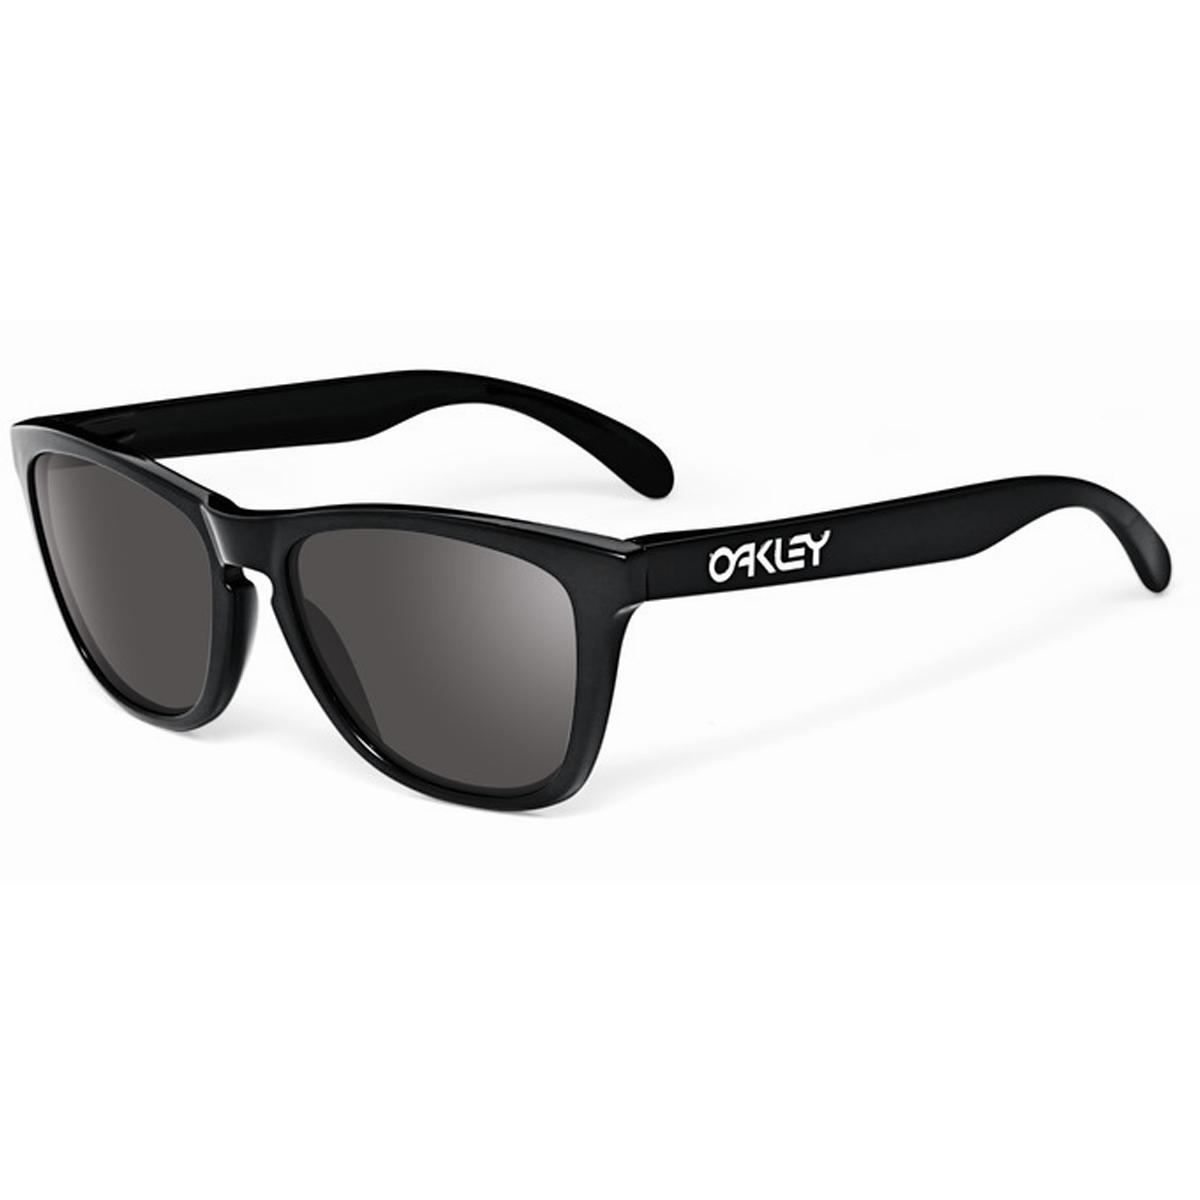 35d36d5f859 Oakley Surf Frogskins. Oakley Frogskins Polarized Sunglasses ...